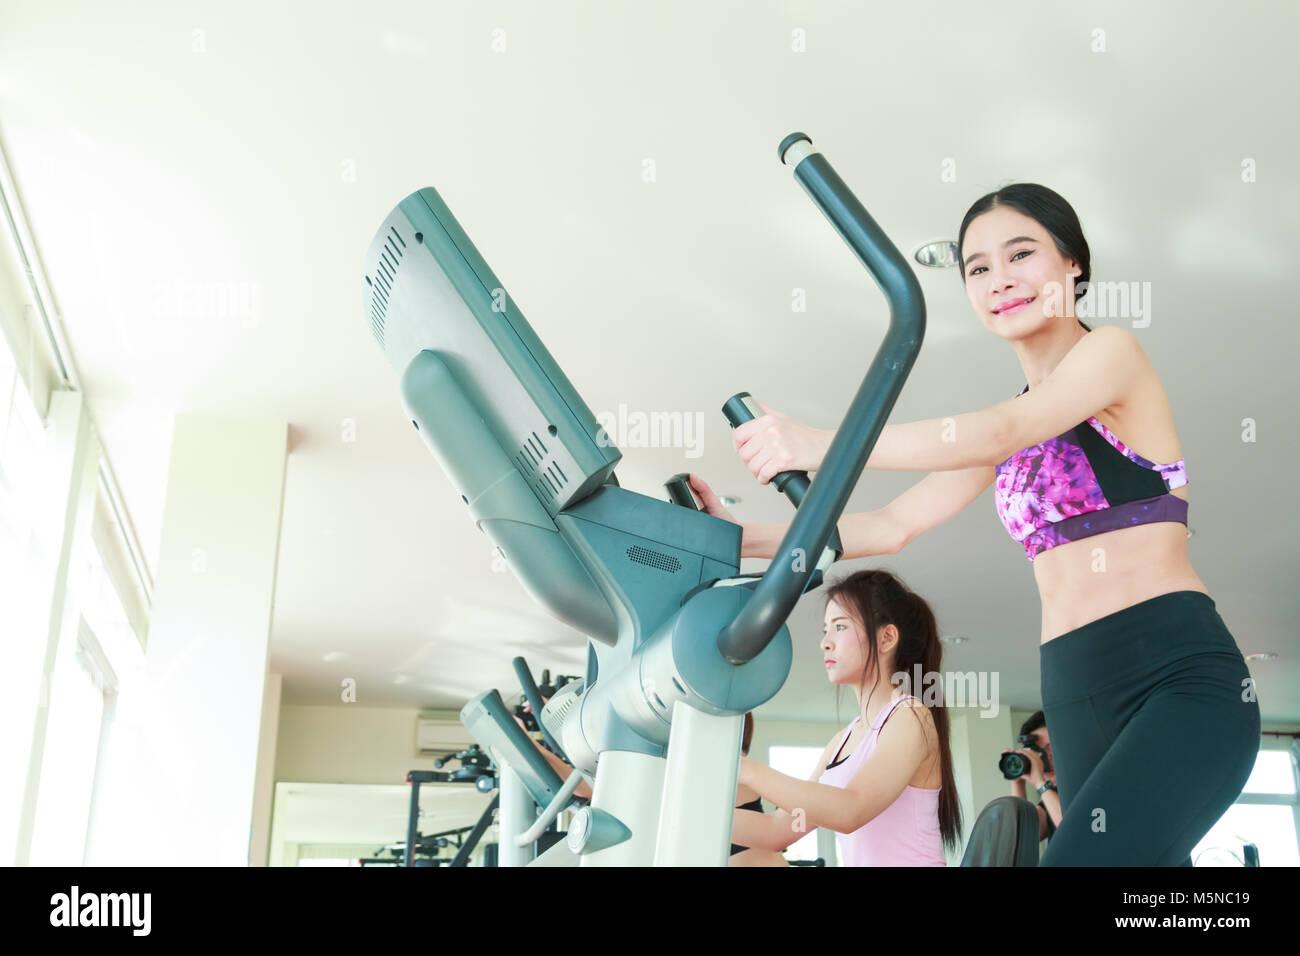 Gerne fröhliche Sportler Ausbildung auf dem Heimtrainer. Stockbild